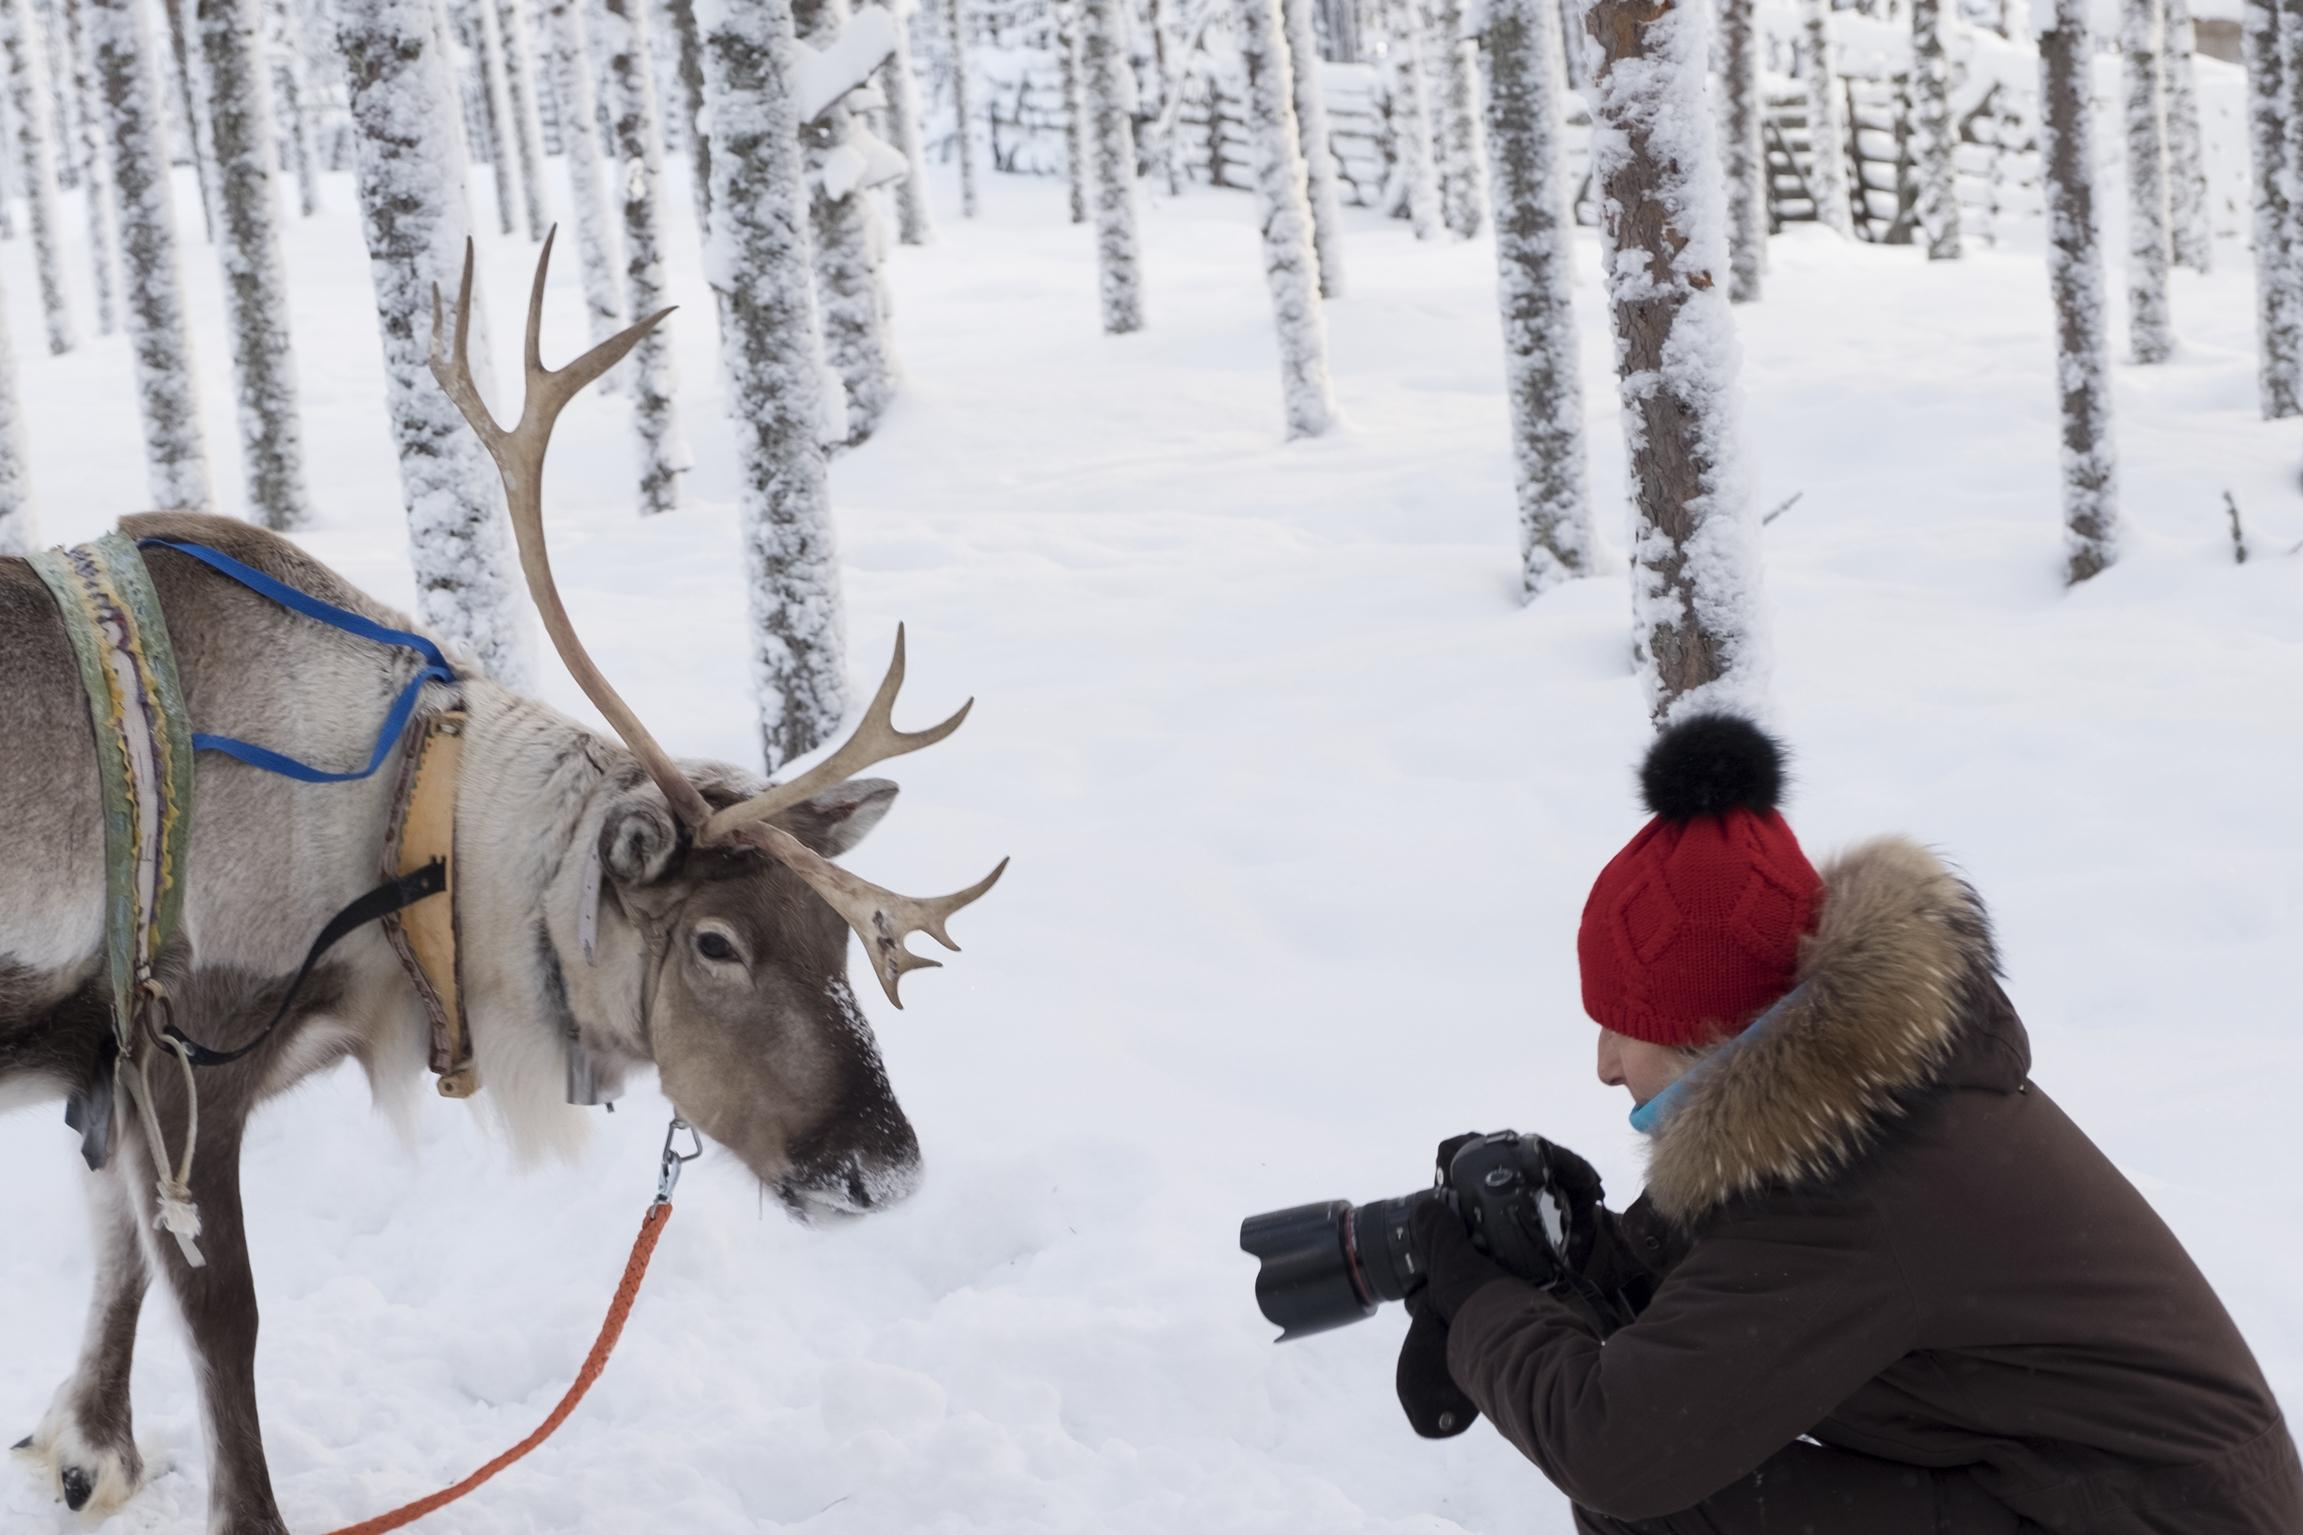 Phil-Finlande 78.jpg